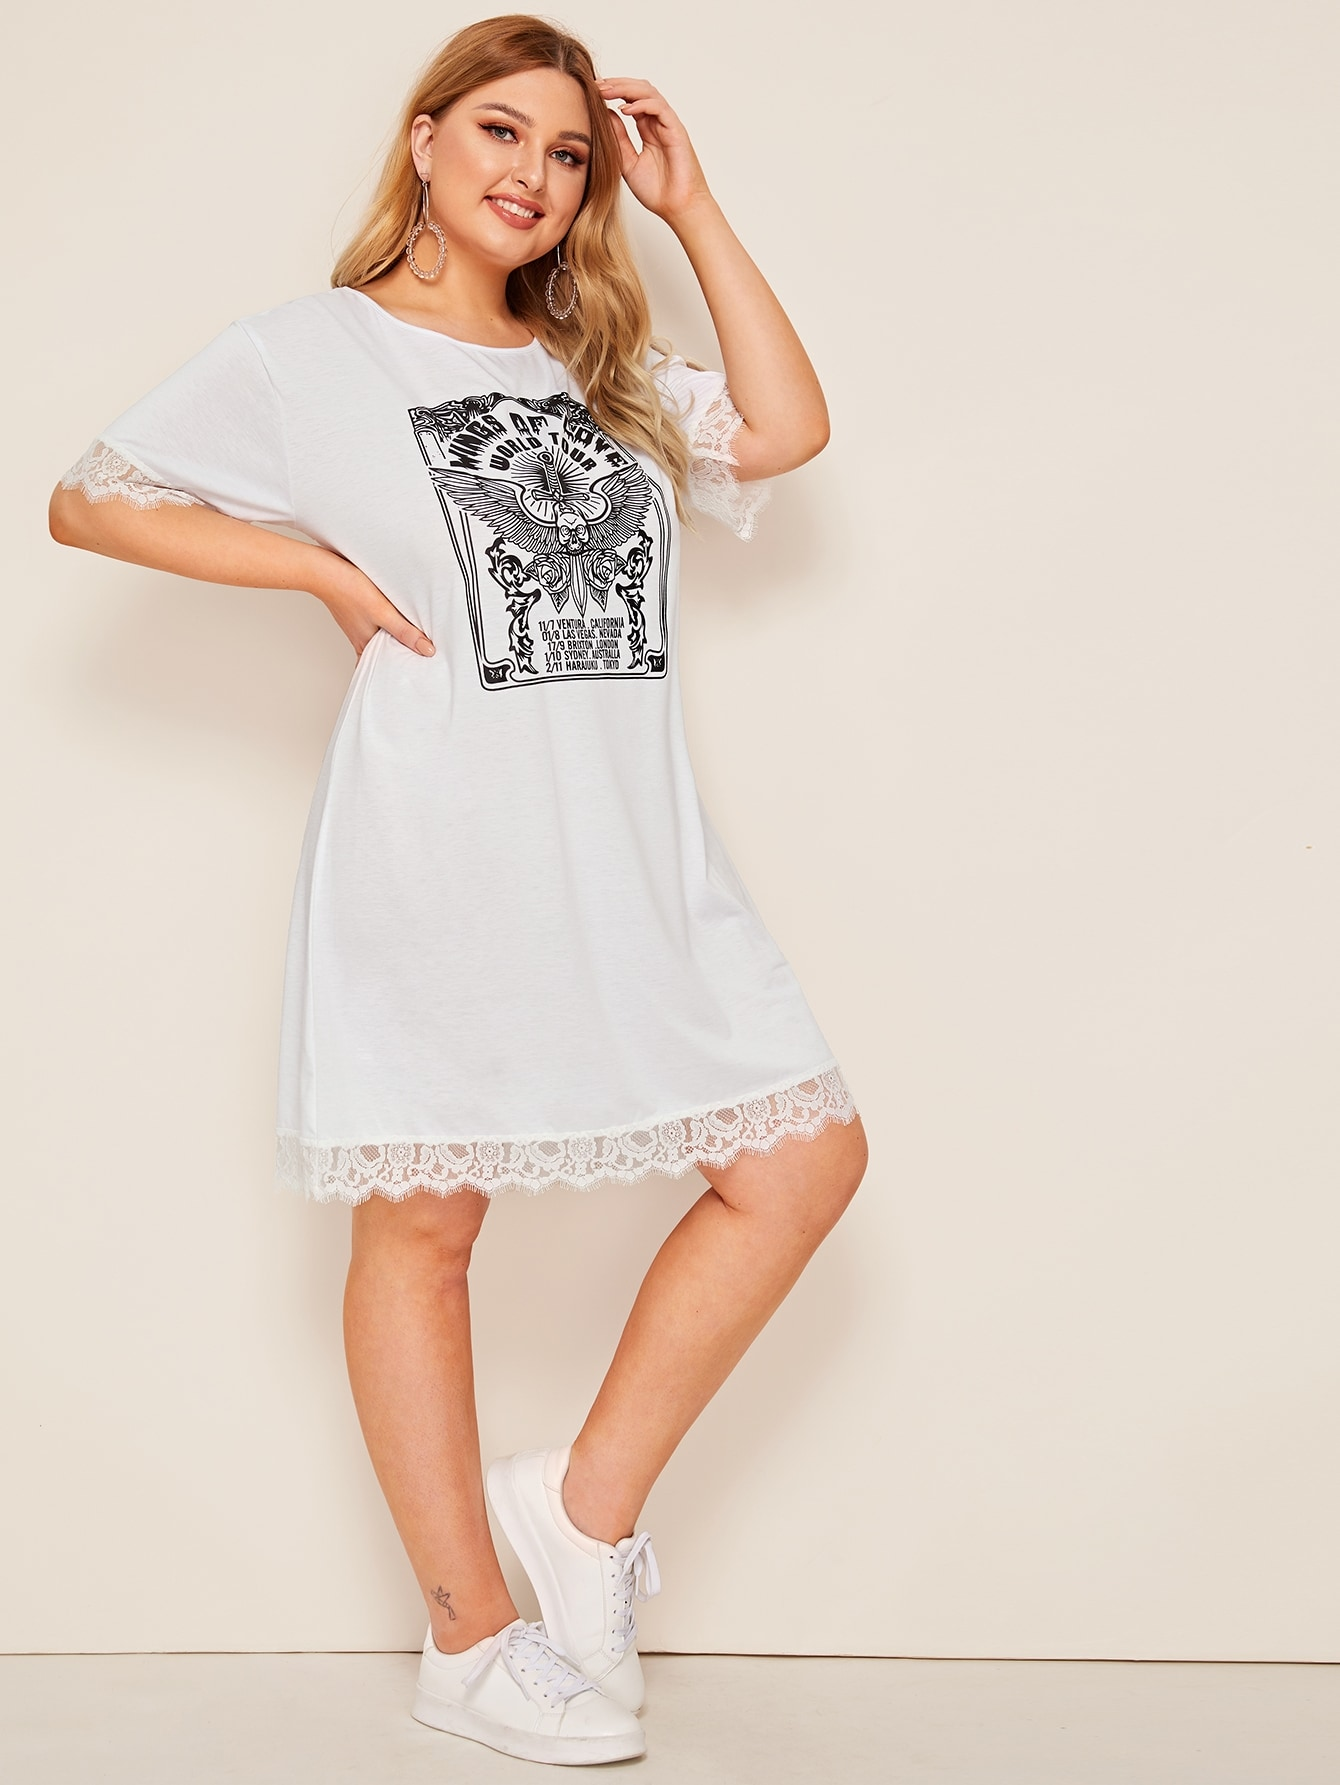 Фото - Платье с текстовым принтом и кружевом размера плюс от SheIn цвет белые